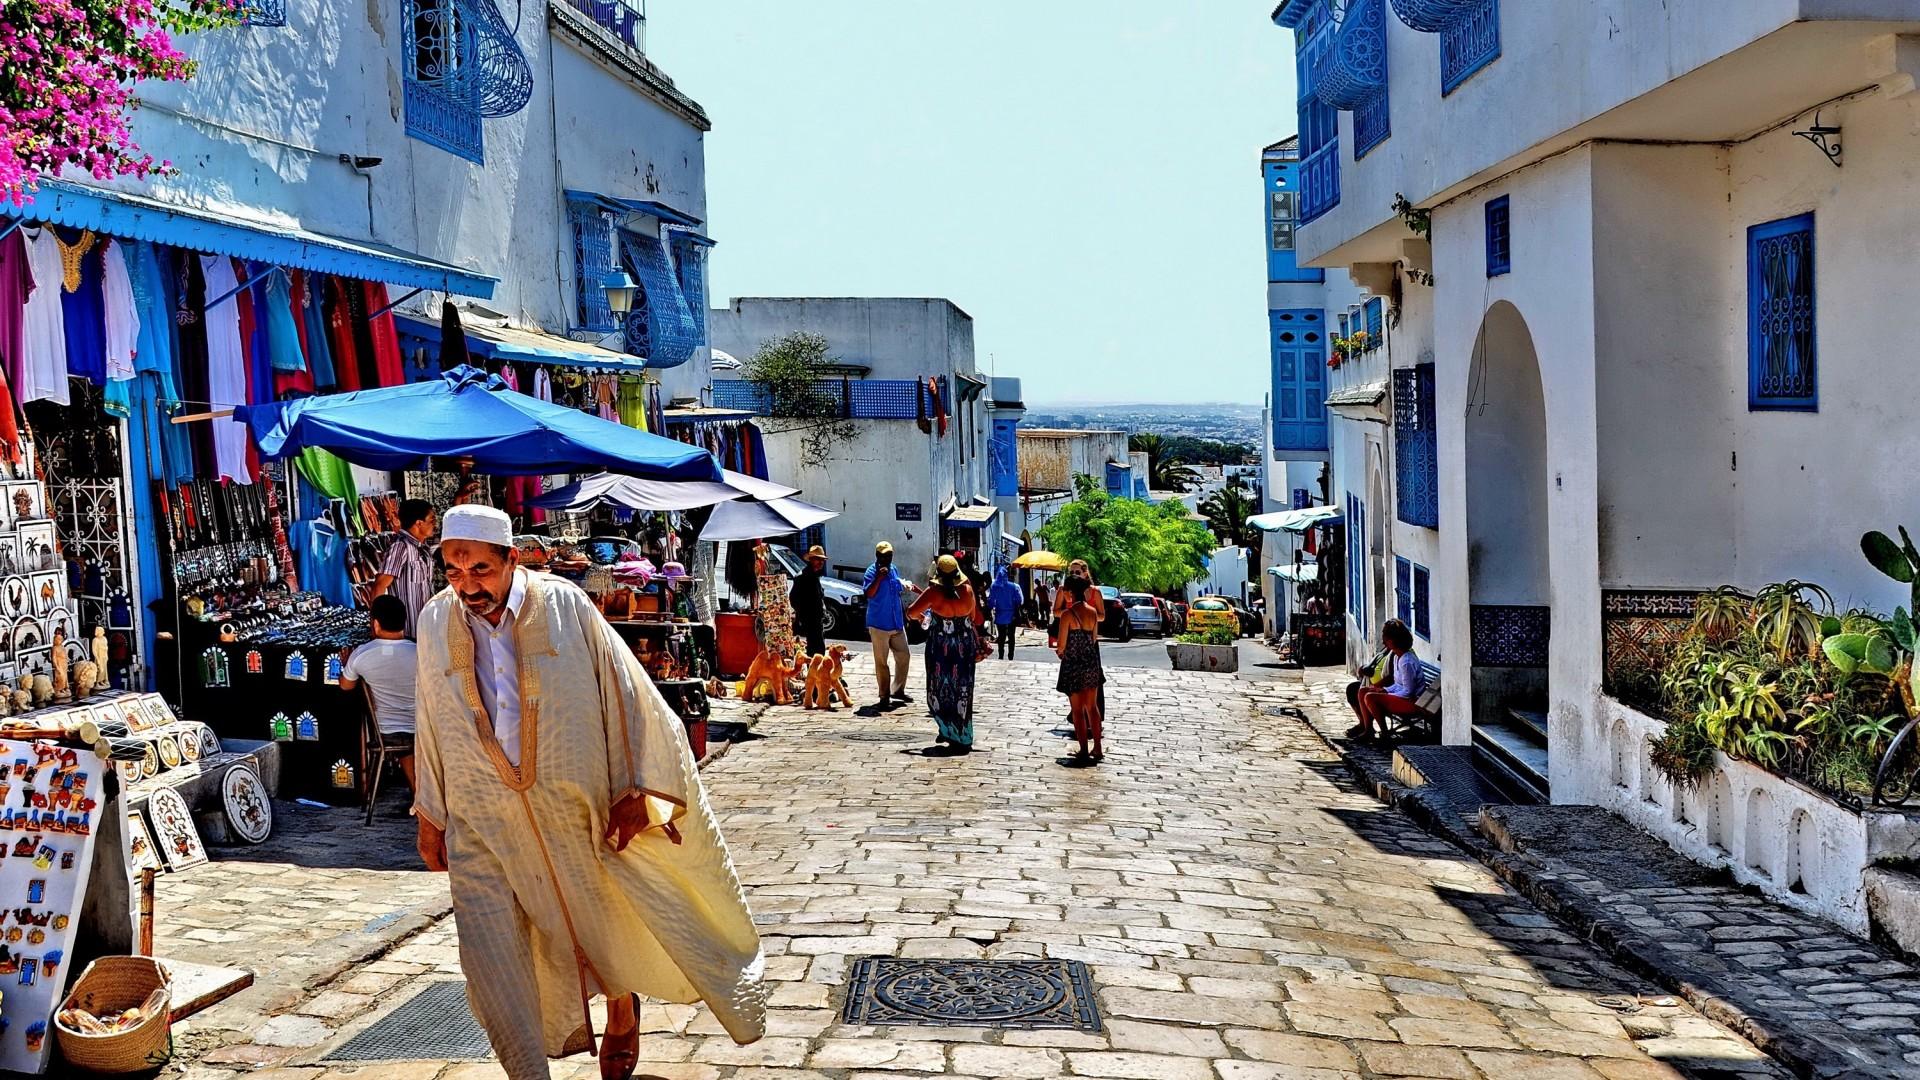 la mia esperienza in tunisia